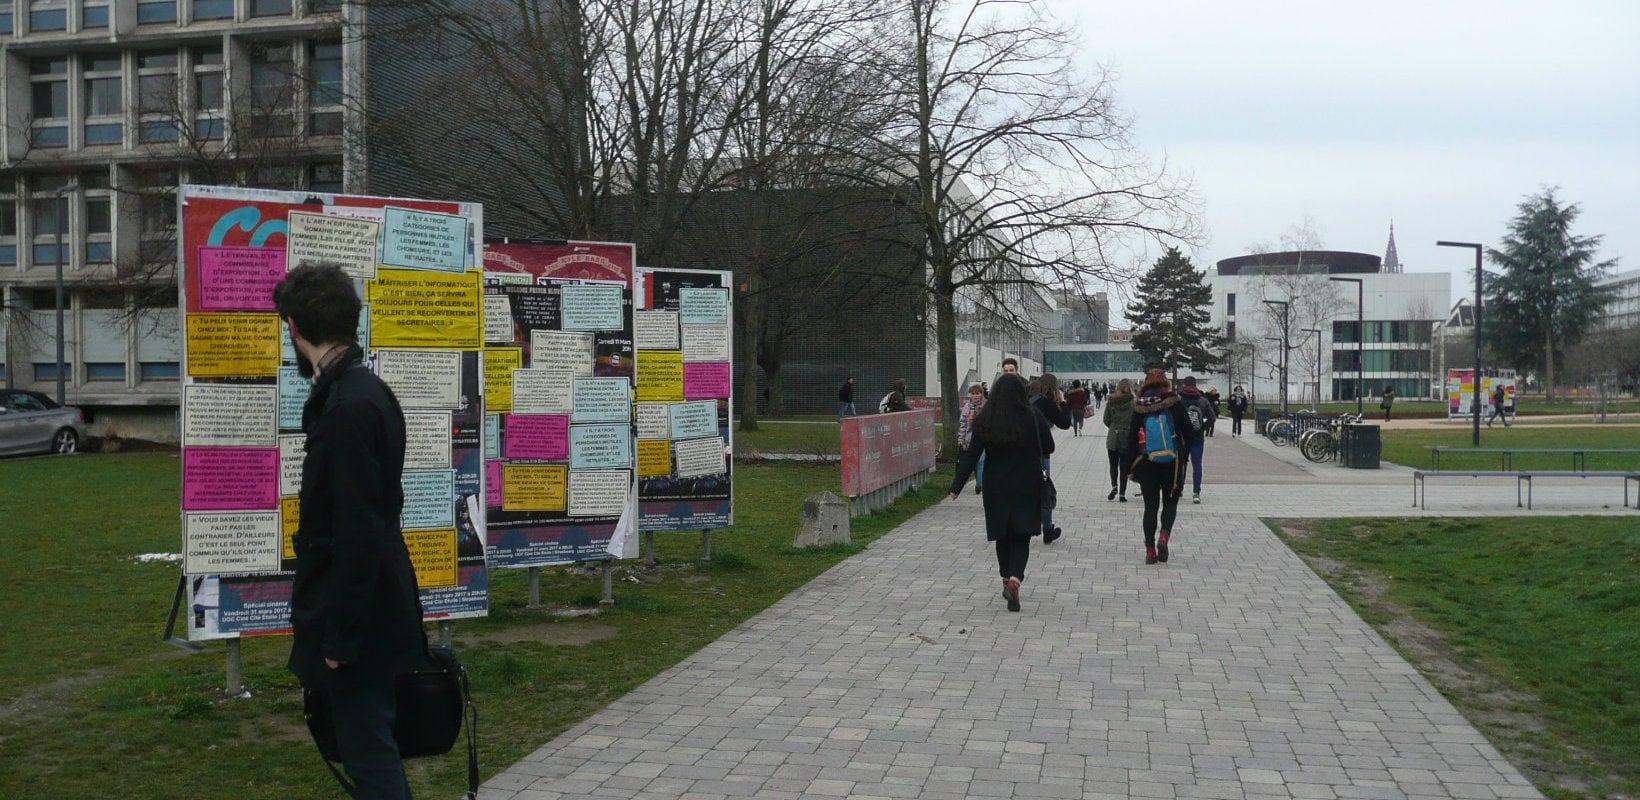 La fac placardée de messages sexistes pour la journée des droits des femmes